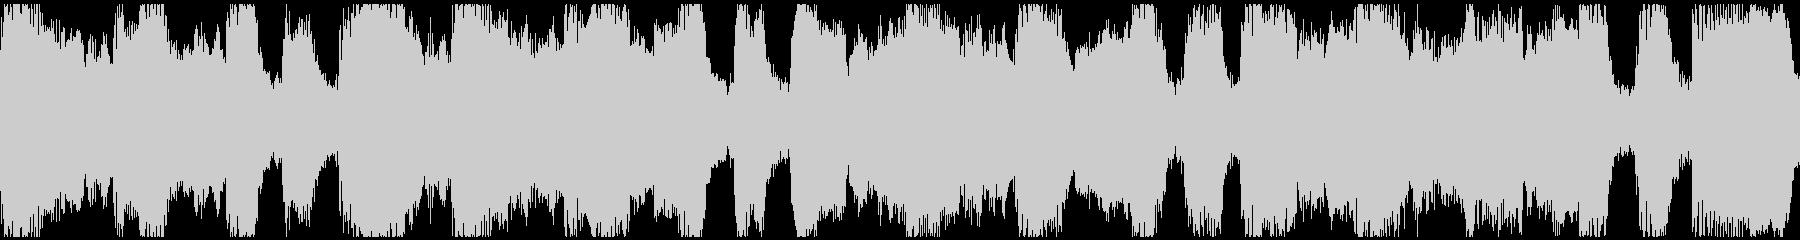 アルプス的なループ曲の未再生の波形